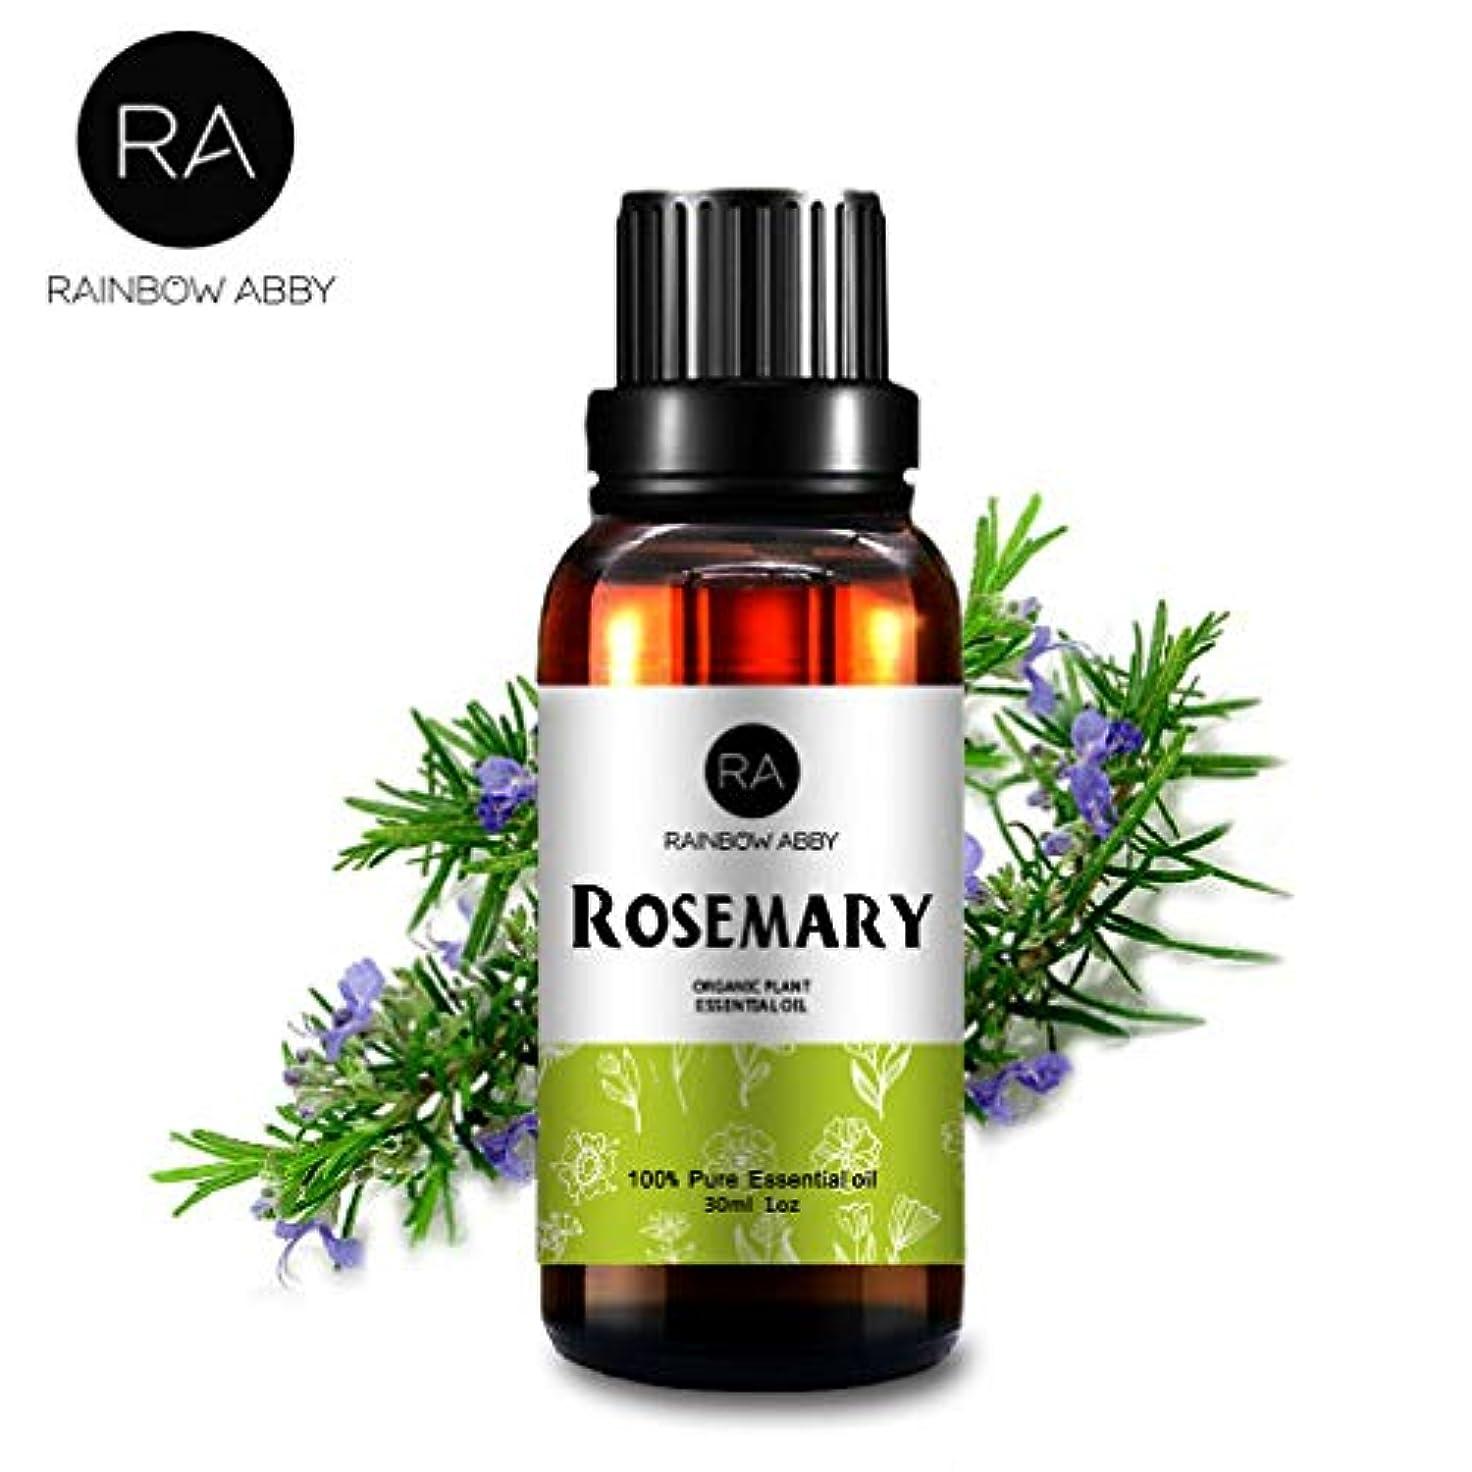 薬を飲むサイズ弱点RAINBOW ABBY ローズマリーエッセンシャル オイル ディフューザー アロマ セラピー オイル (30ML/1oz) 100% ピュアオーガニック 植物 エキスローズマリー オイル